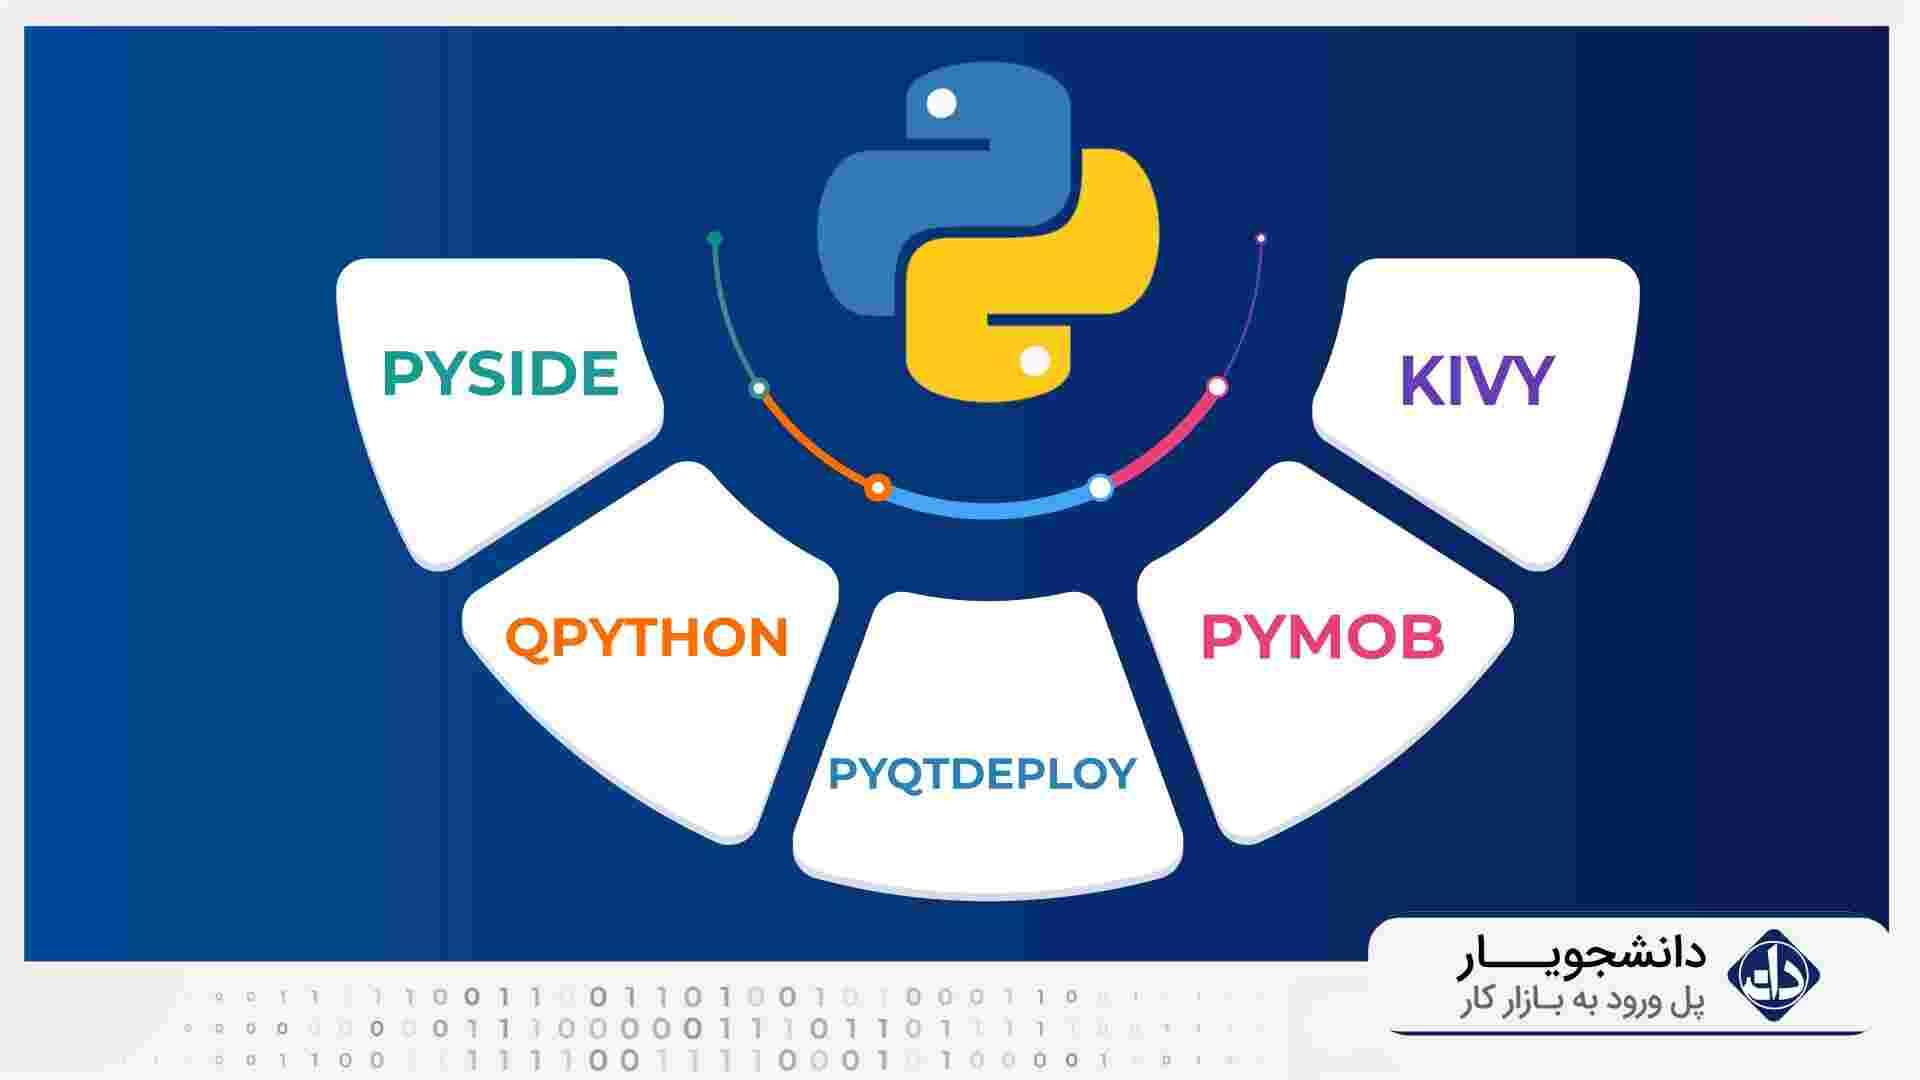 سیستم عاملهای توسعه اندروید پایتون